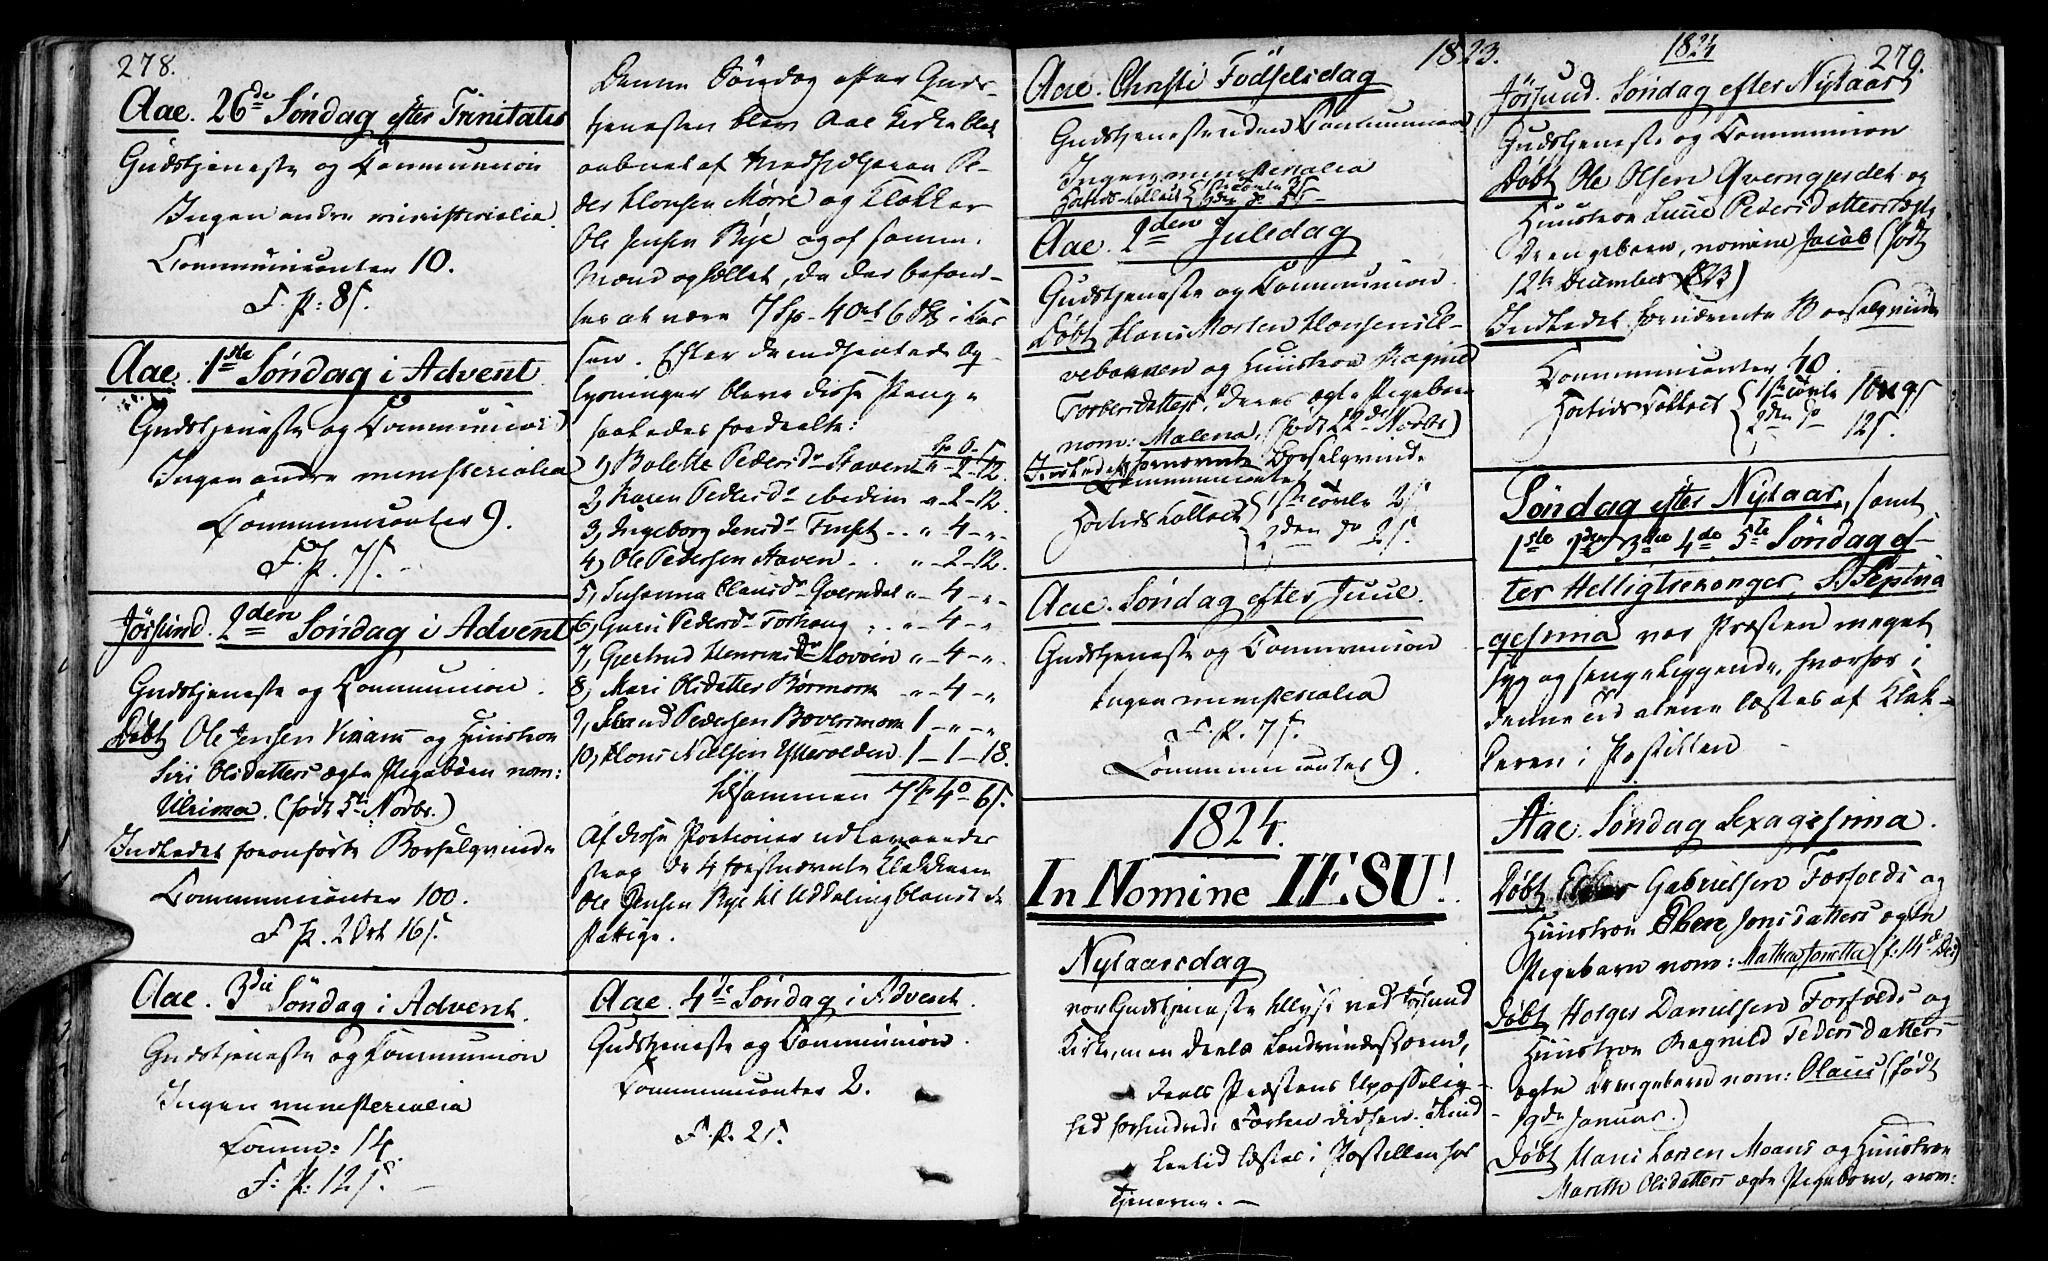 SAT, Ministerialprotokoller, klokkerbøker og fødselsregistre - Sør-Trøndelag, 655/L0674: Ministerialbok nr. 655A03, 1802-1826, s. 278-279